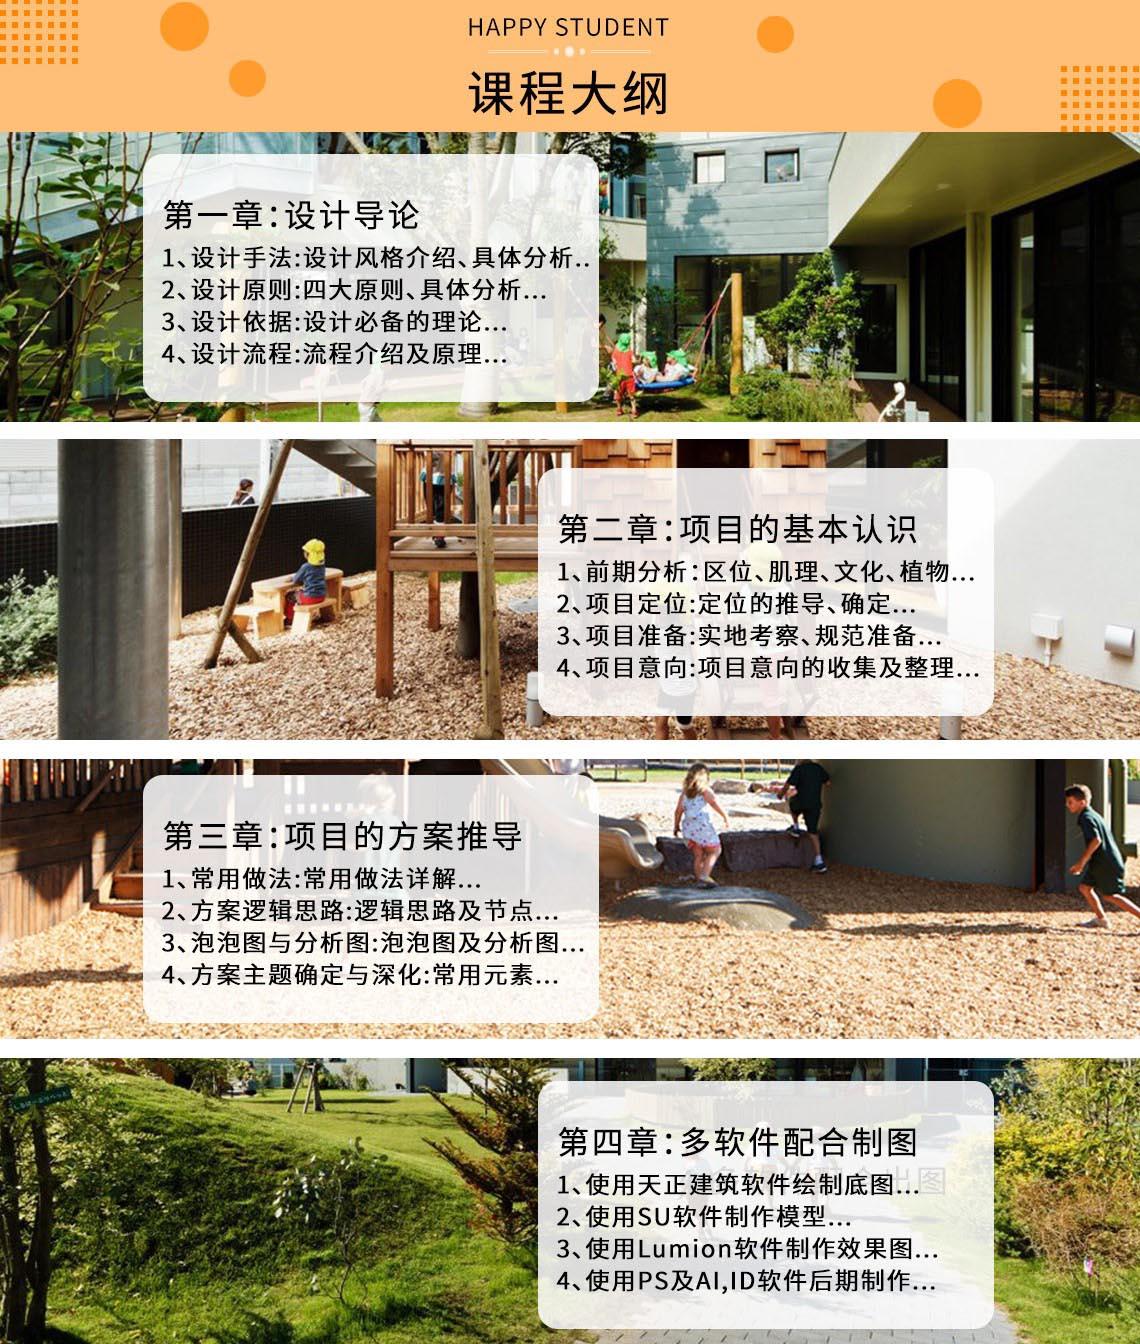 儿童景观设计,幼儿园景观设计,景观方案设计教程,儿童景观效果图软件教程大纲